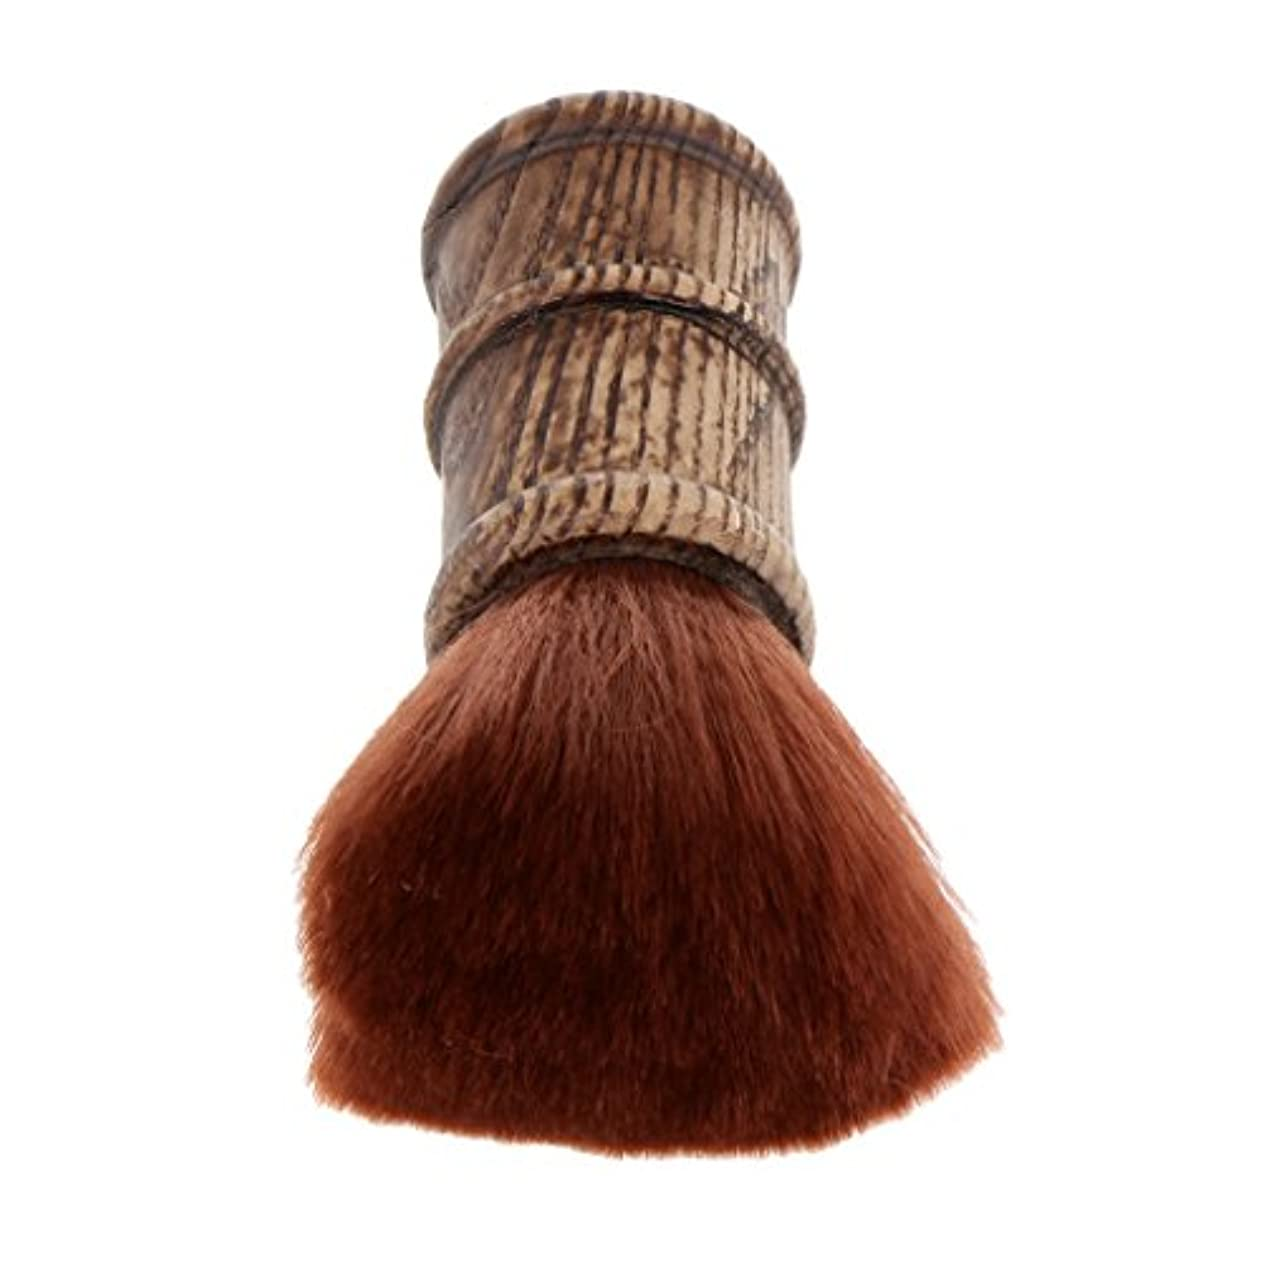 バクテリア診断する農村ネックダスターブラシ ヘアカットブラシ ブラシ プロ サロン 柔らかい 自宅用 ヘアスタイリスト ヘアカット 散髪 理髪師 2色選べる - 褐色